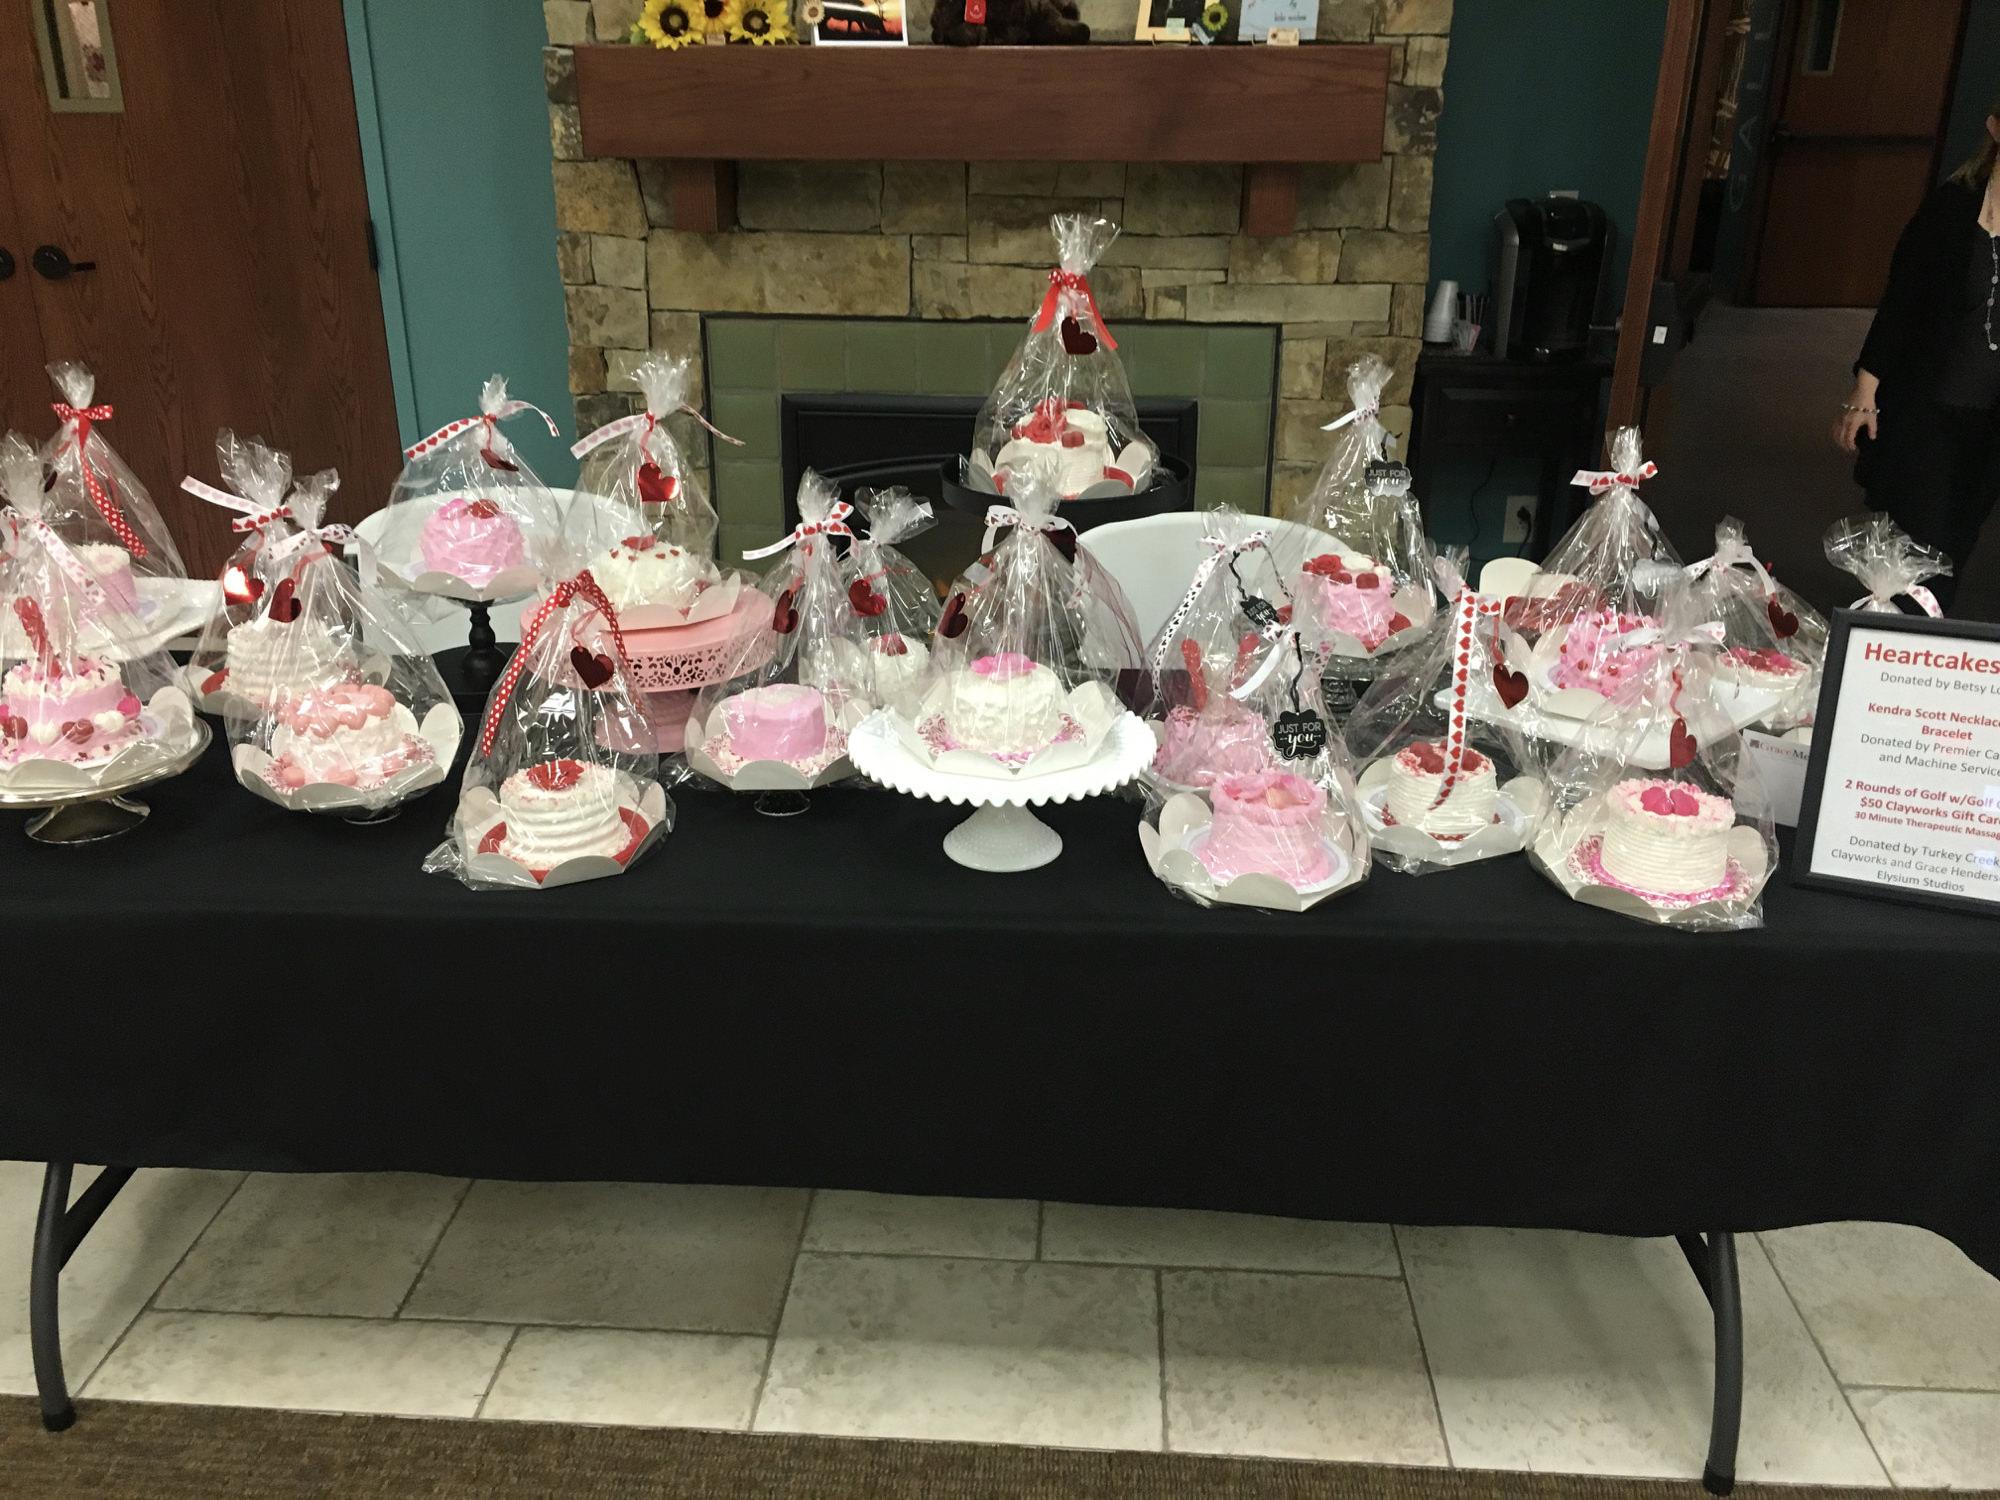 Heartcakes from Betsy Lapota